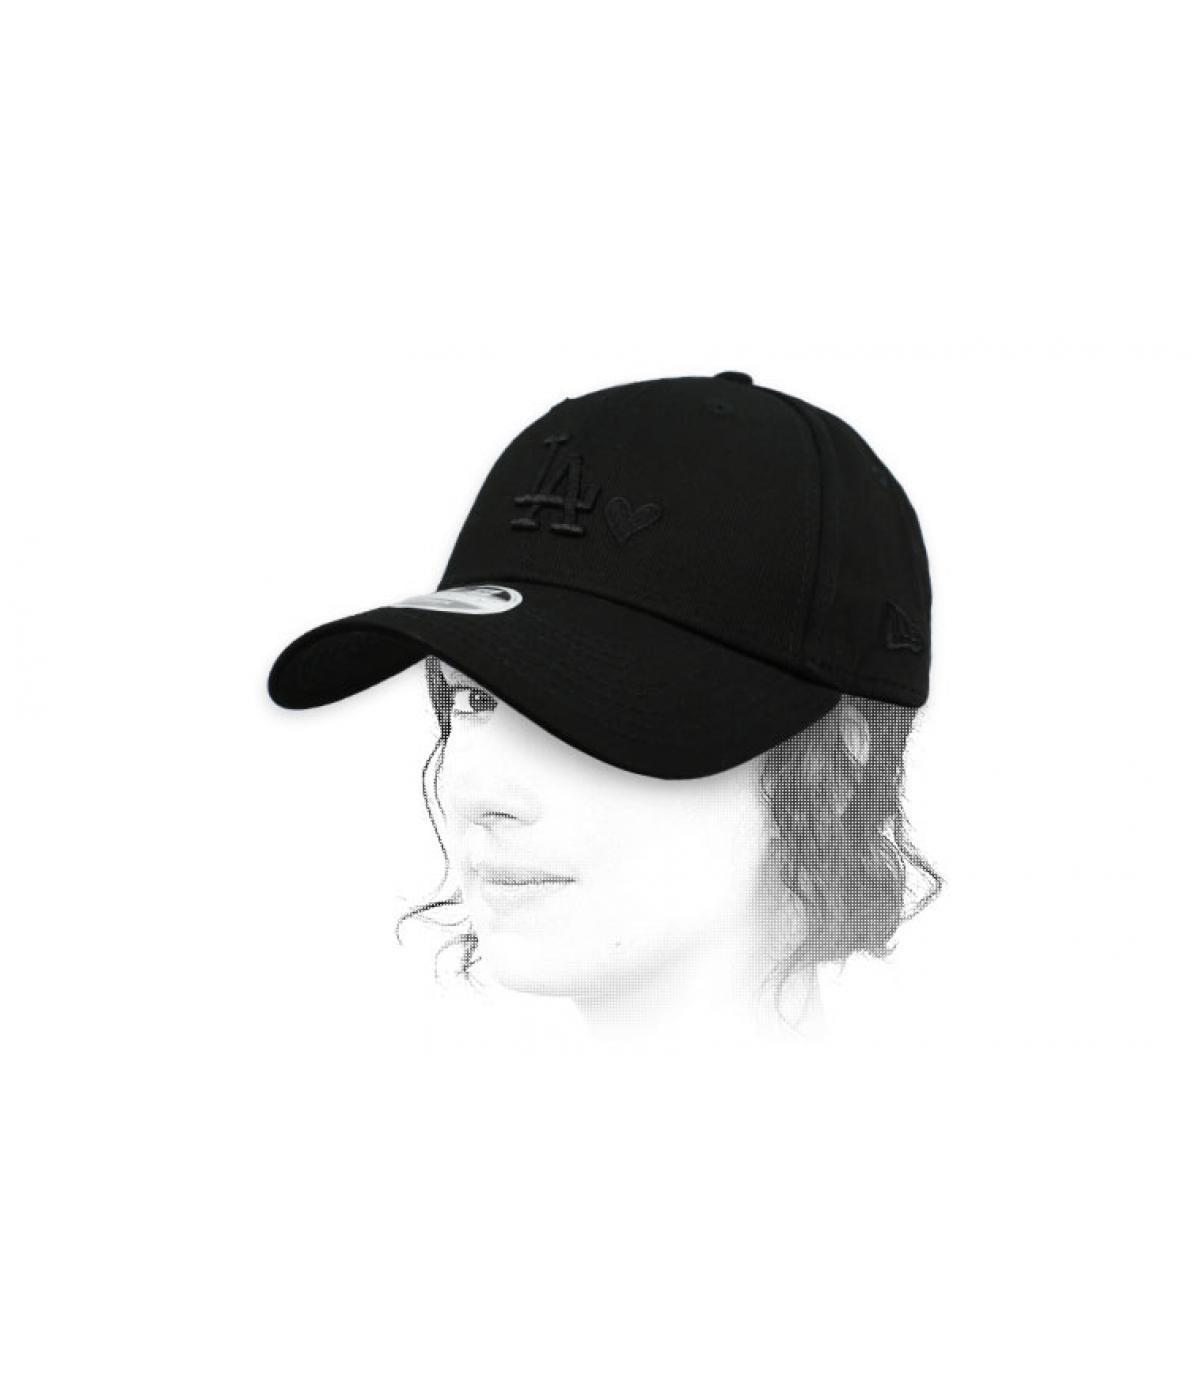 casquette femme LA cœur noir